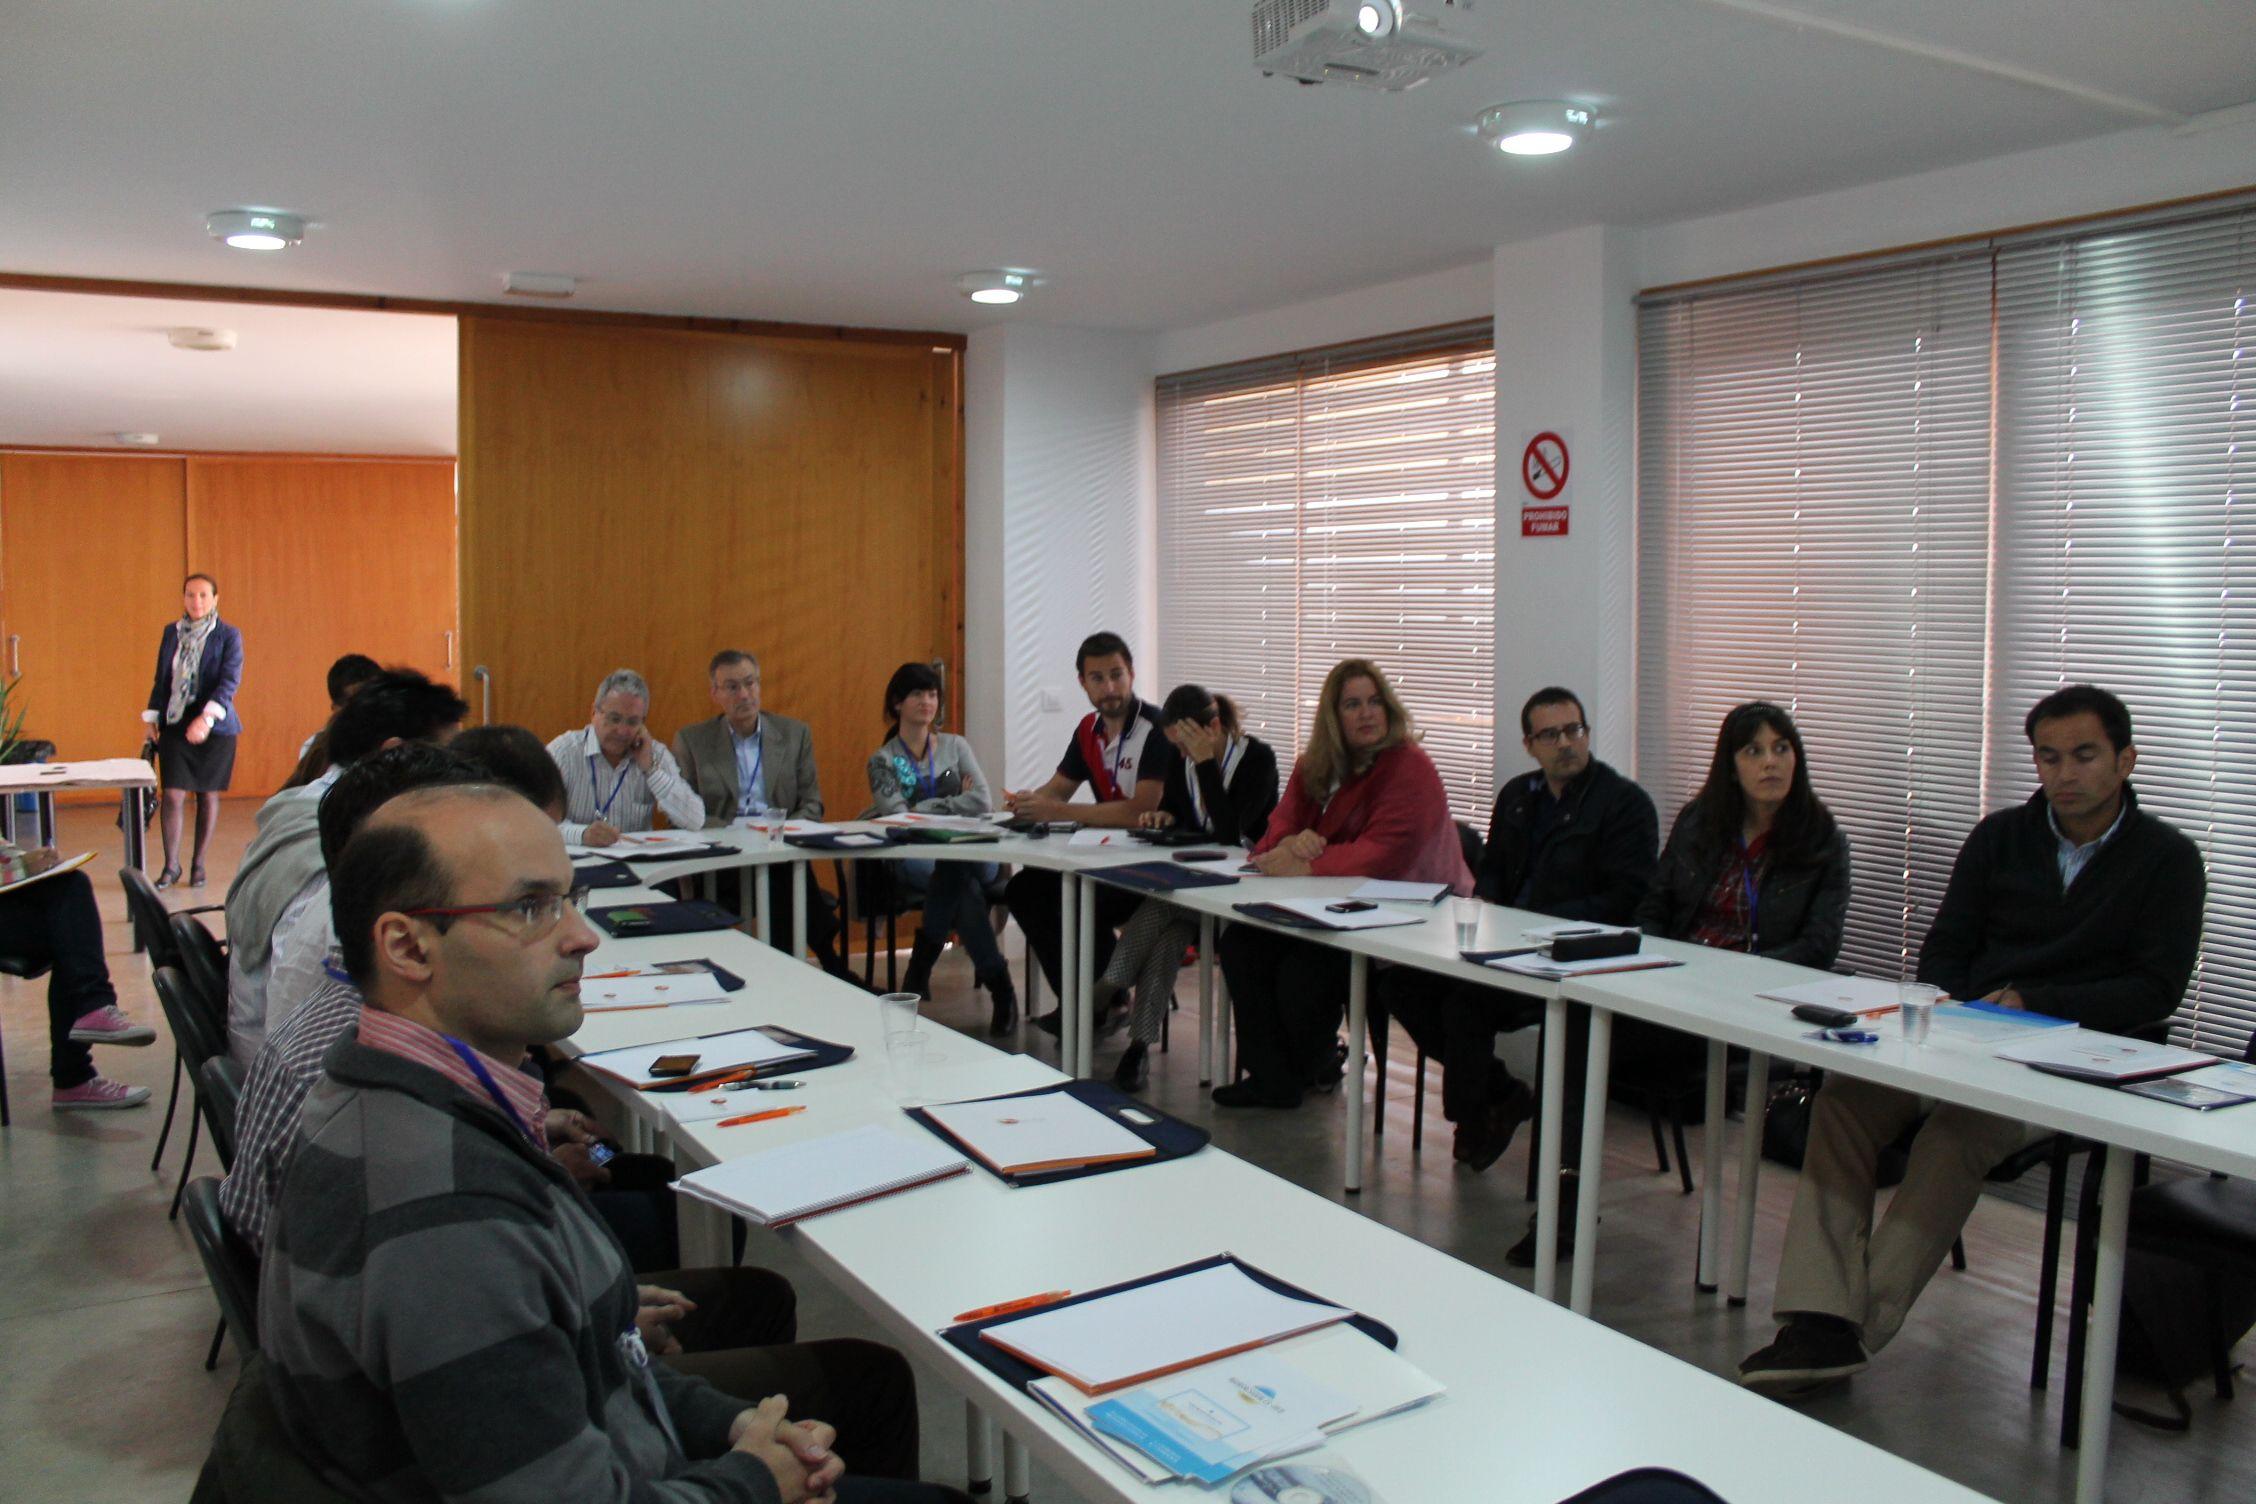 Grupo de alumnos 1ª edición: 20 técnicos procedentes de organismos públicos y empresas privadas de toda España y Portugal.